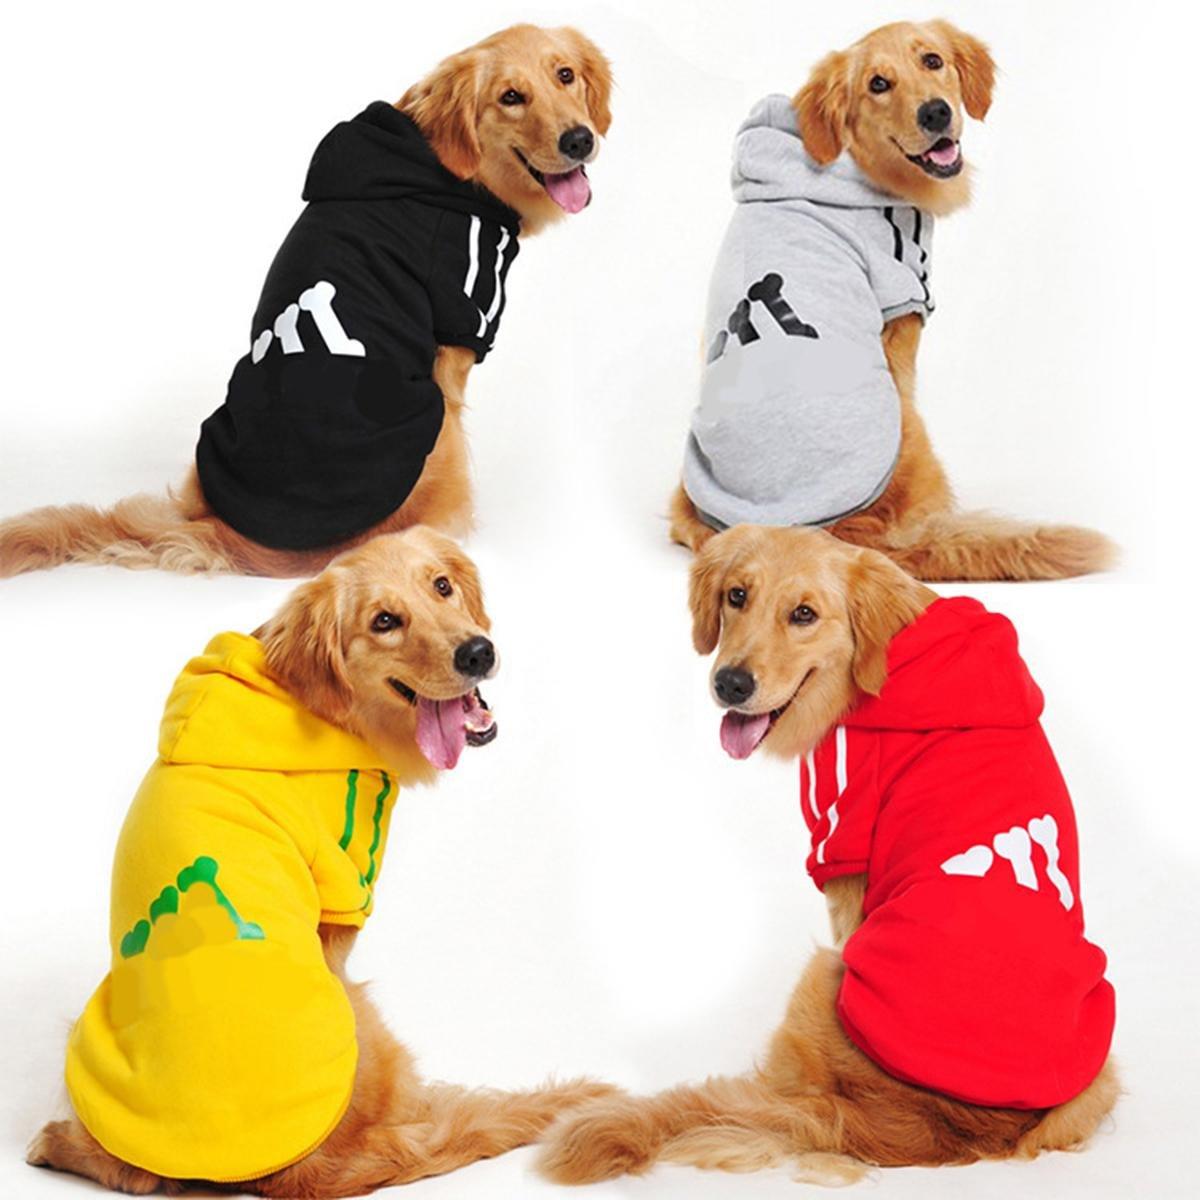 shanzhizui Cani di grossa taglia Maglione in pile Golden retriever Labrador Grandi vestiti per cani, red, 7xl wexe.com